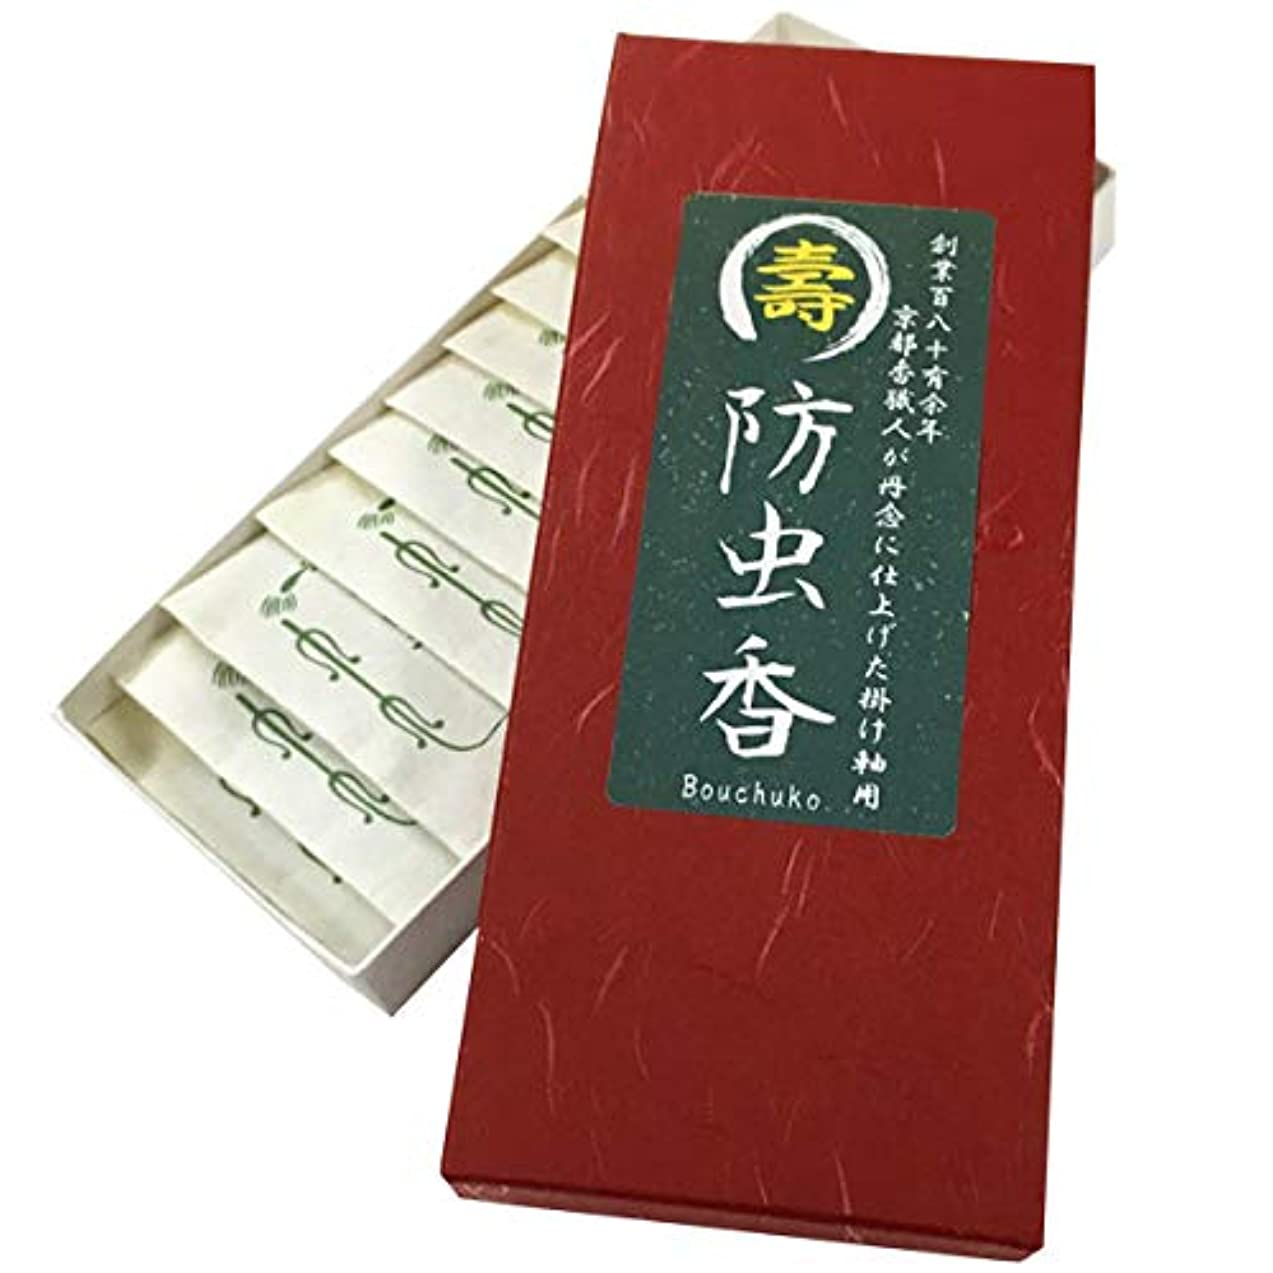 平行アプト宗教掛軸防虫香 壽印の防虫香 1袋10箱入り